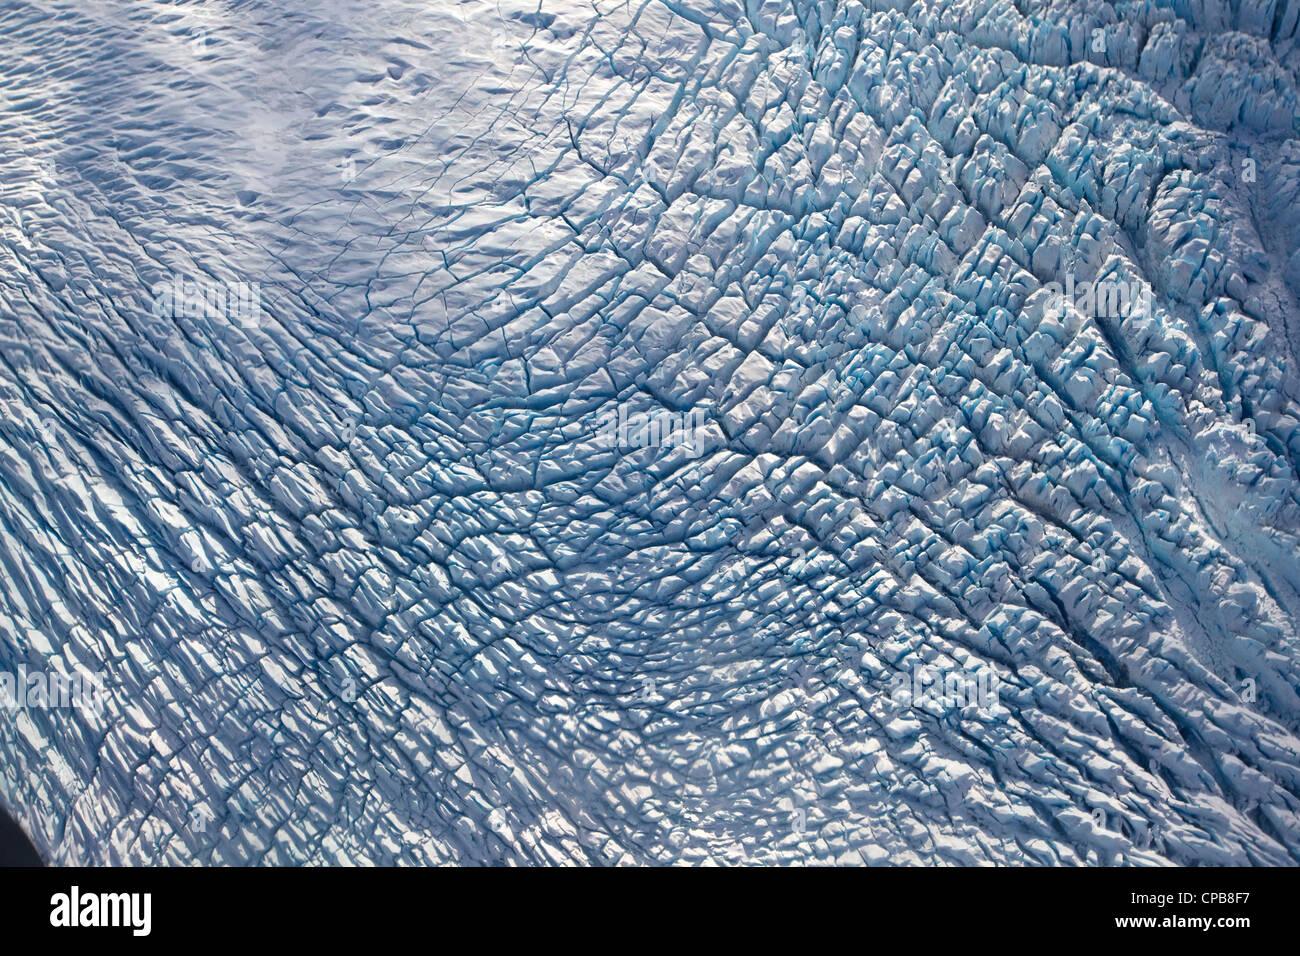 Knik glacier dans les montagnes Chugach, Alaska, aerial photo Photo Stock